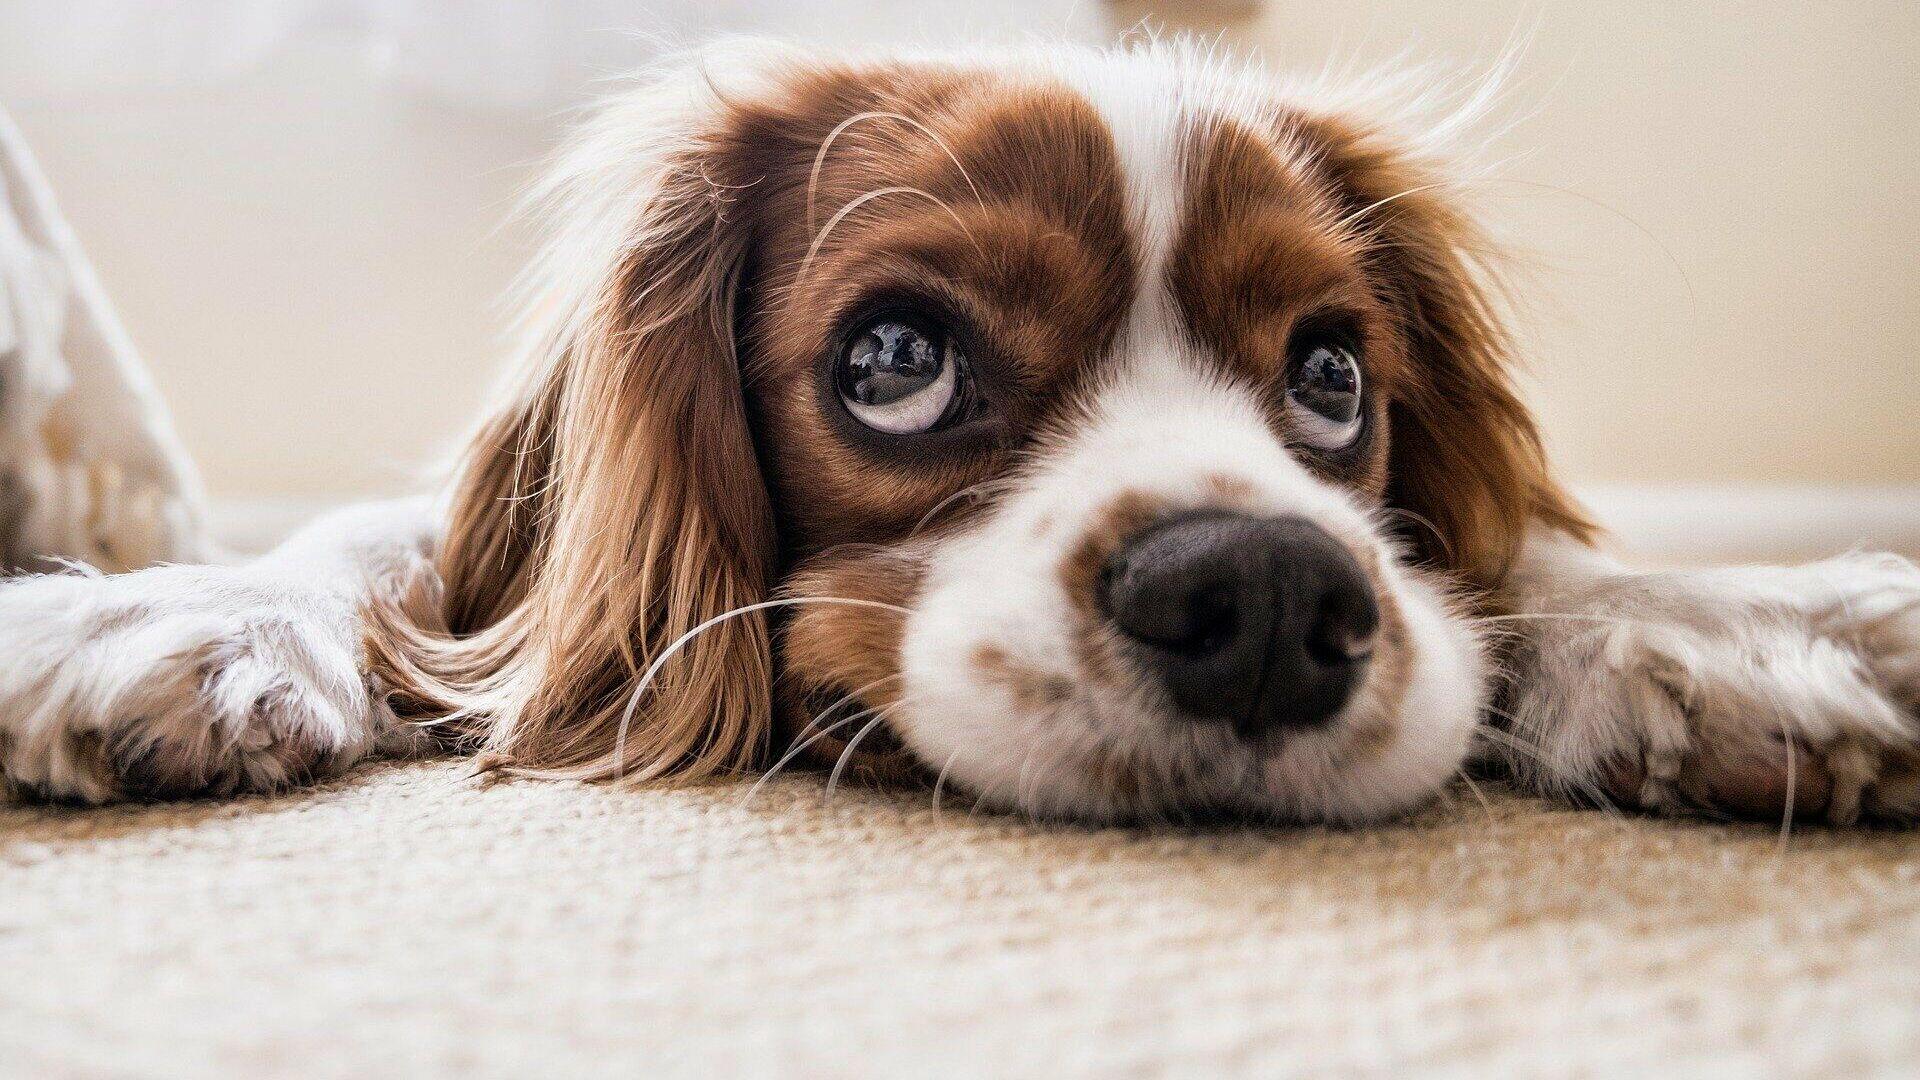 Un perro (imagen referencial) - Sputnik Mundo, 1920, 21.02.2021